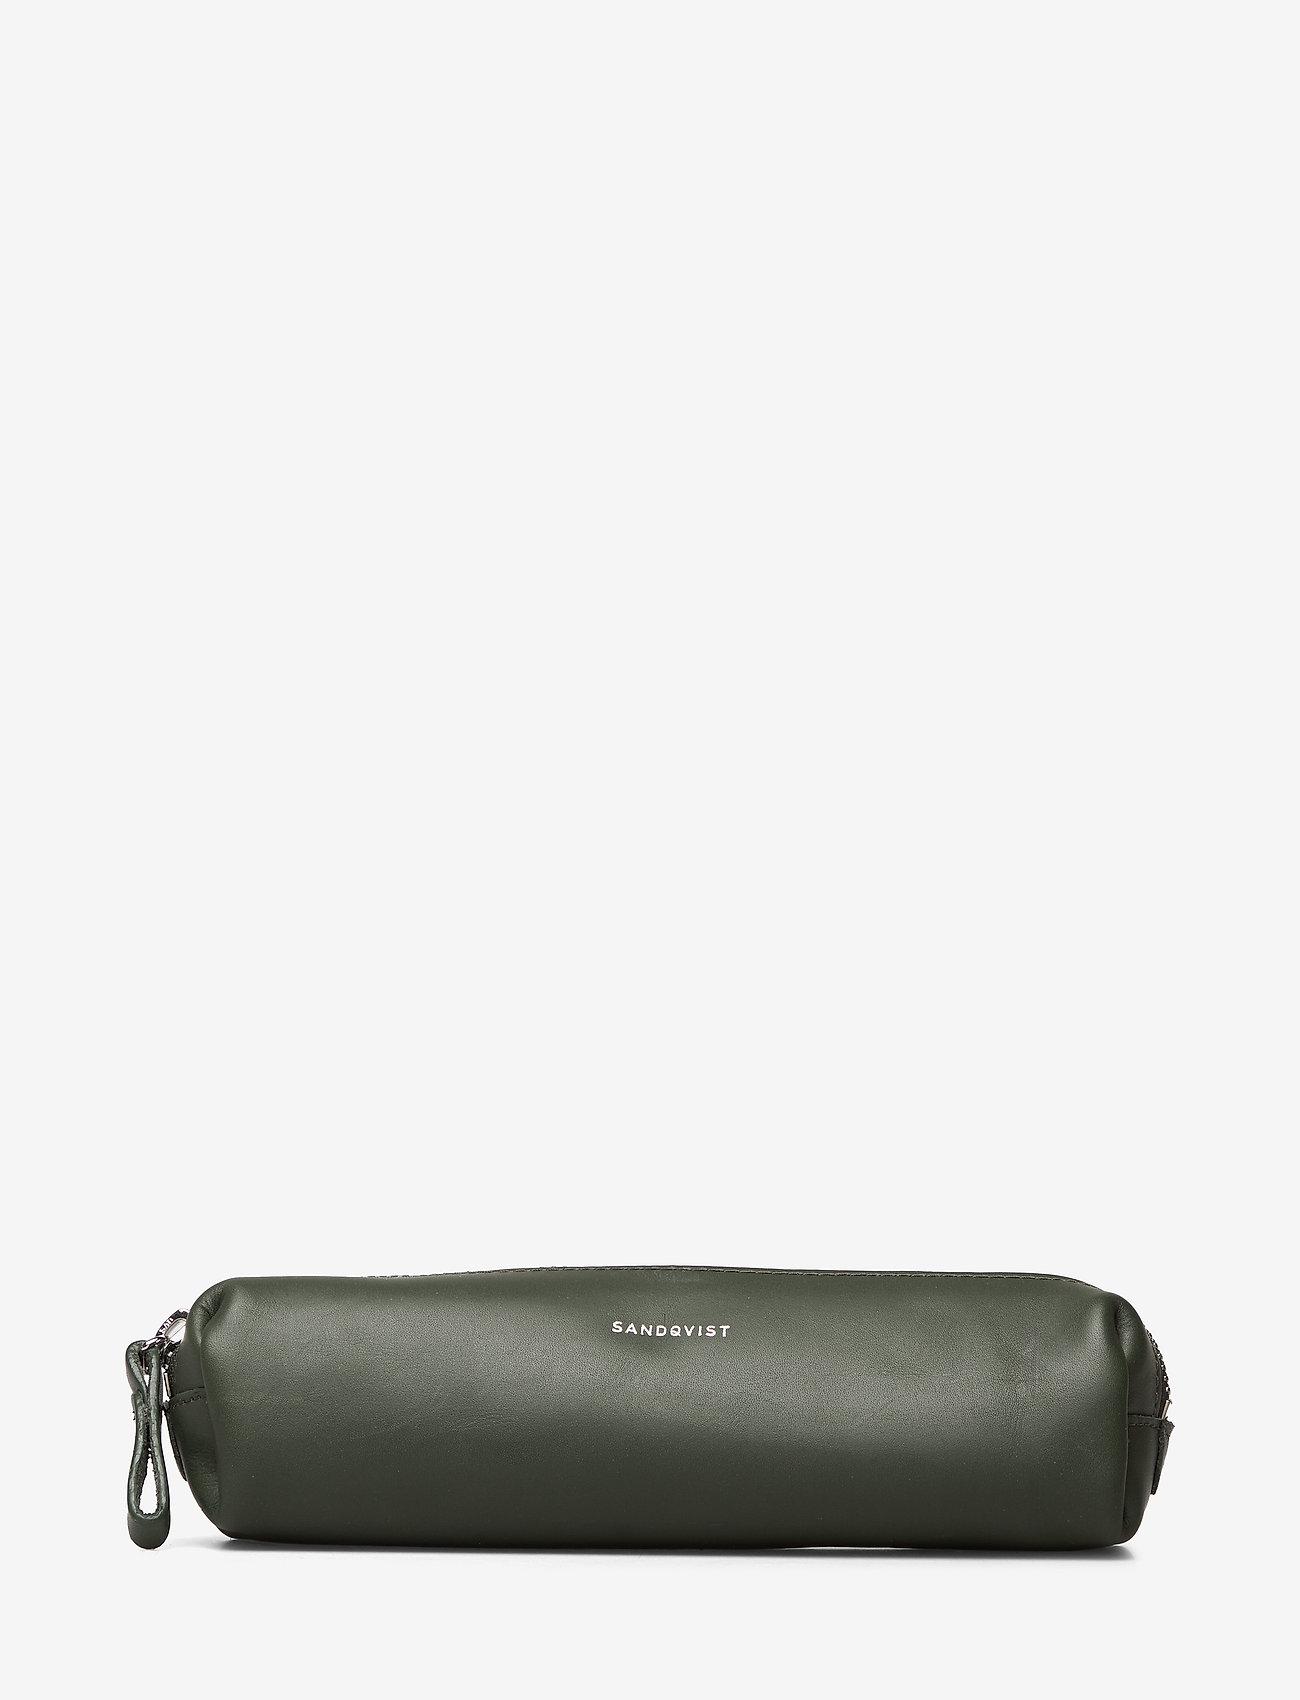 SANDQVIST - LEON - pencil cases - green - 0